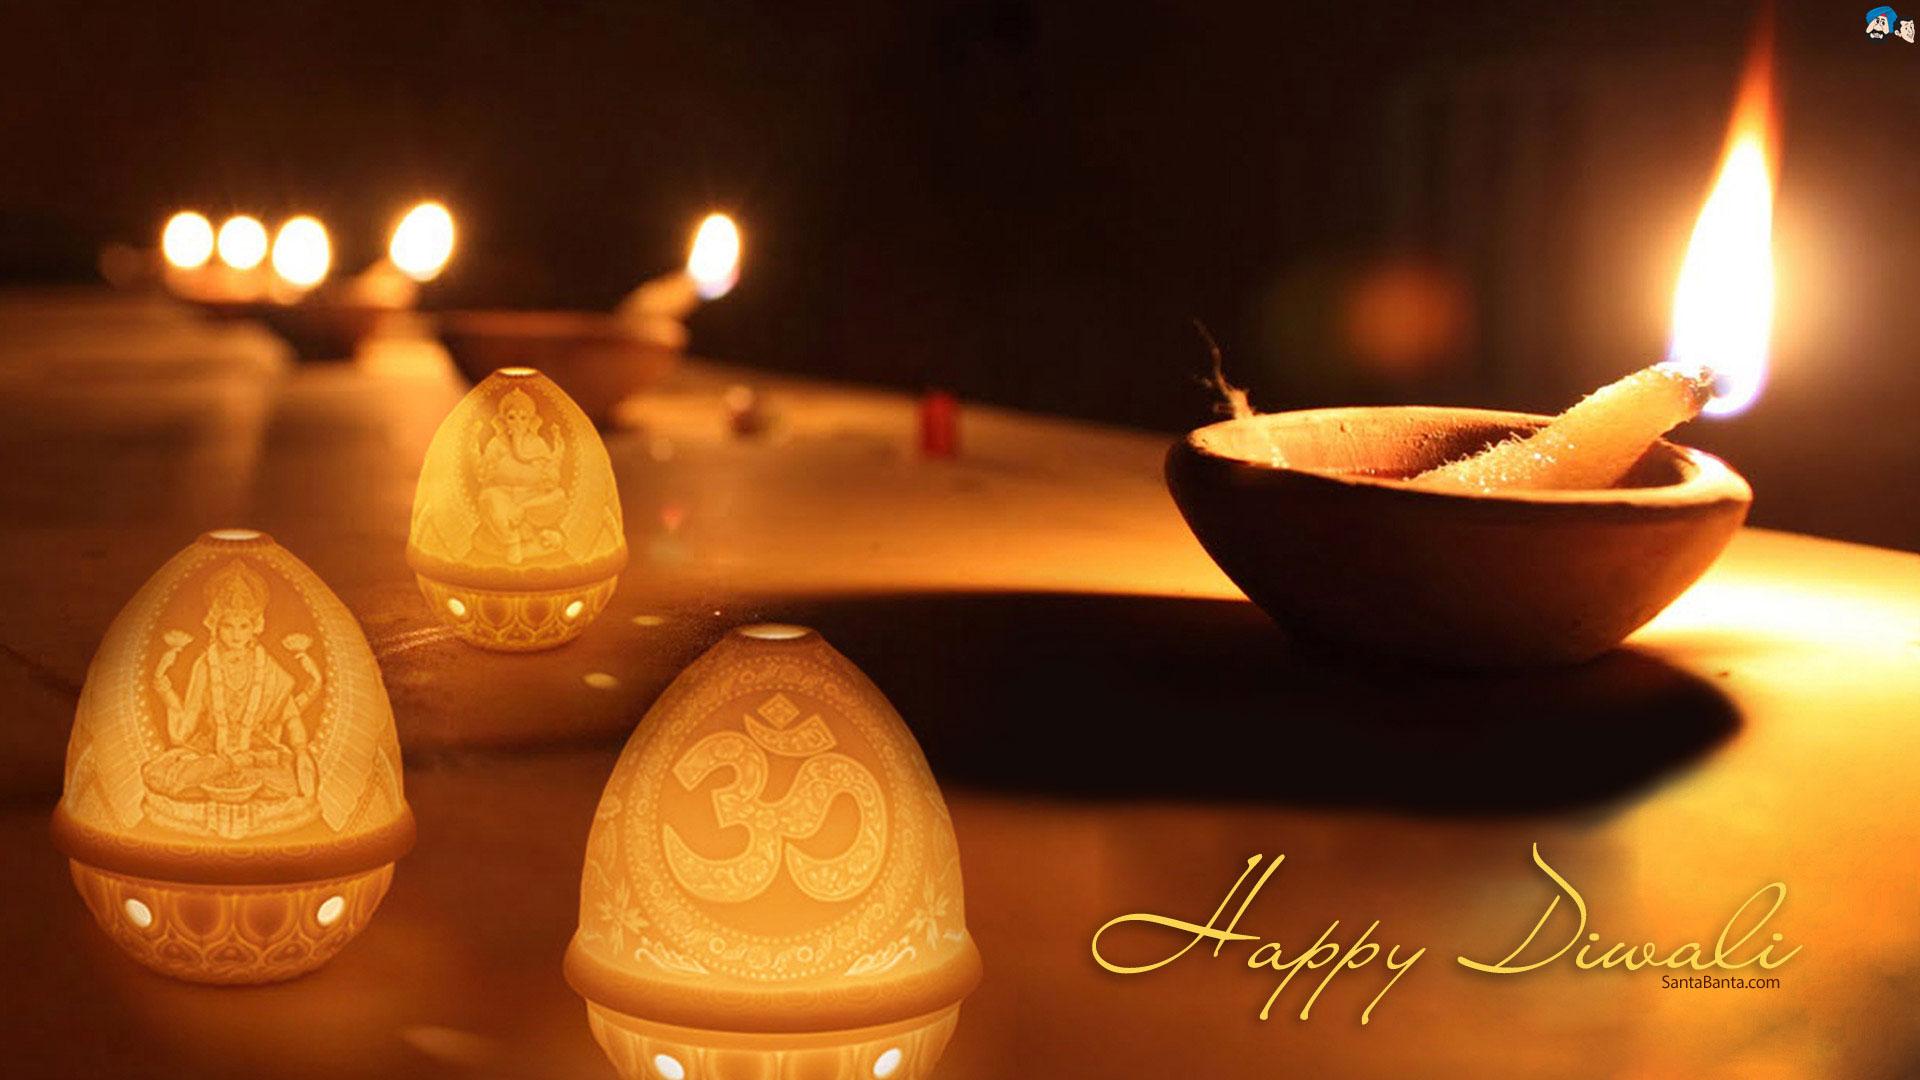 Santabanta Diwali HD Wallpaper Free Download